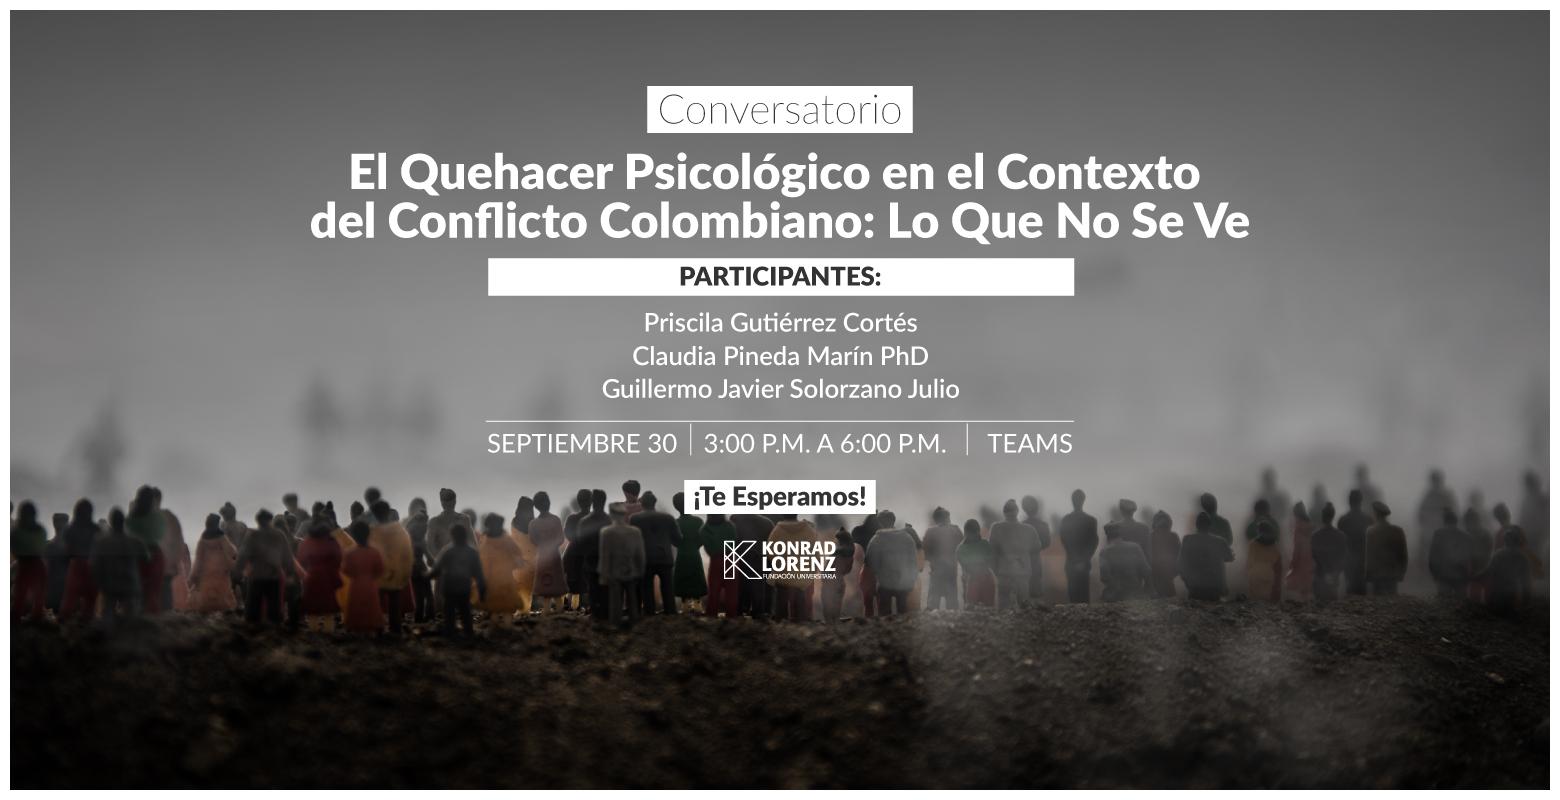 Conversatorio: El Quehacer Psicológico en el Contexto del Conflicto Colombiano: Lo Que No Se Ve